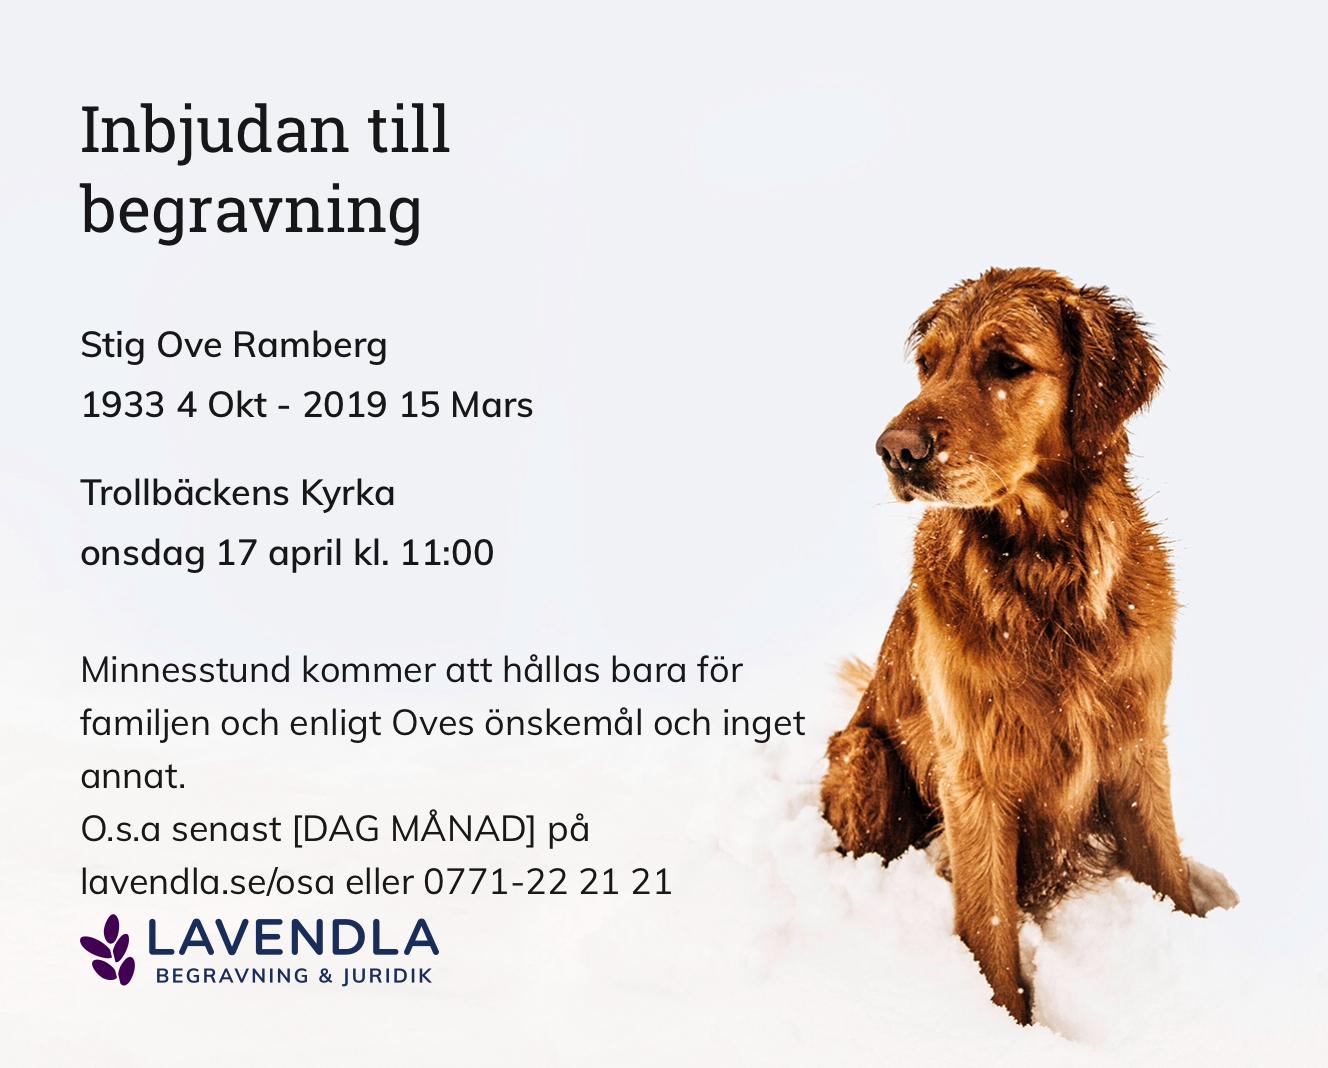 Inbjudningskort till ceremonin för Stig Ove Ramberg